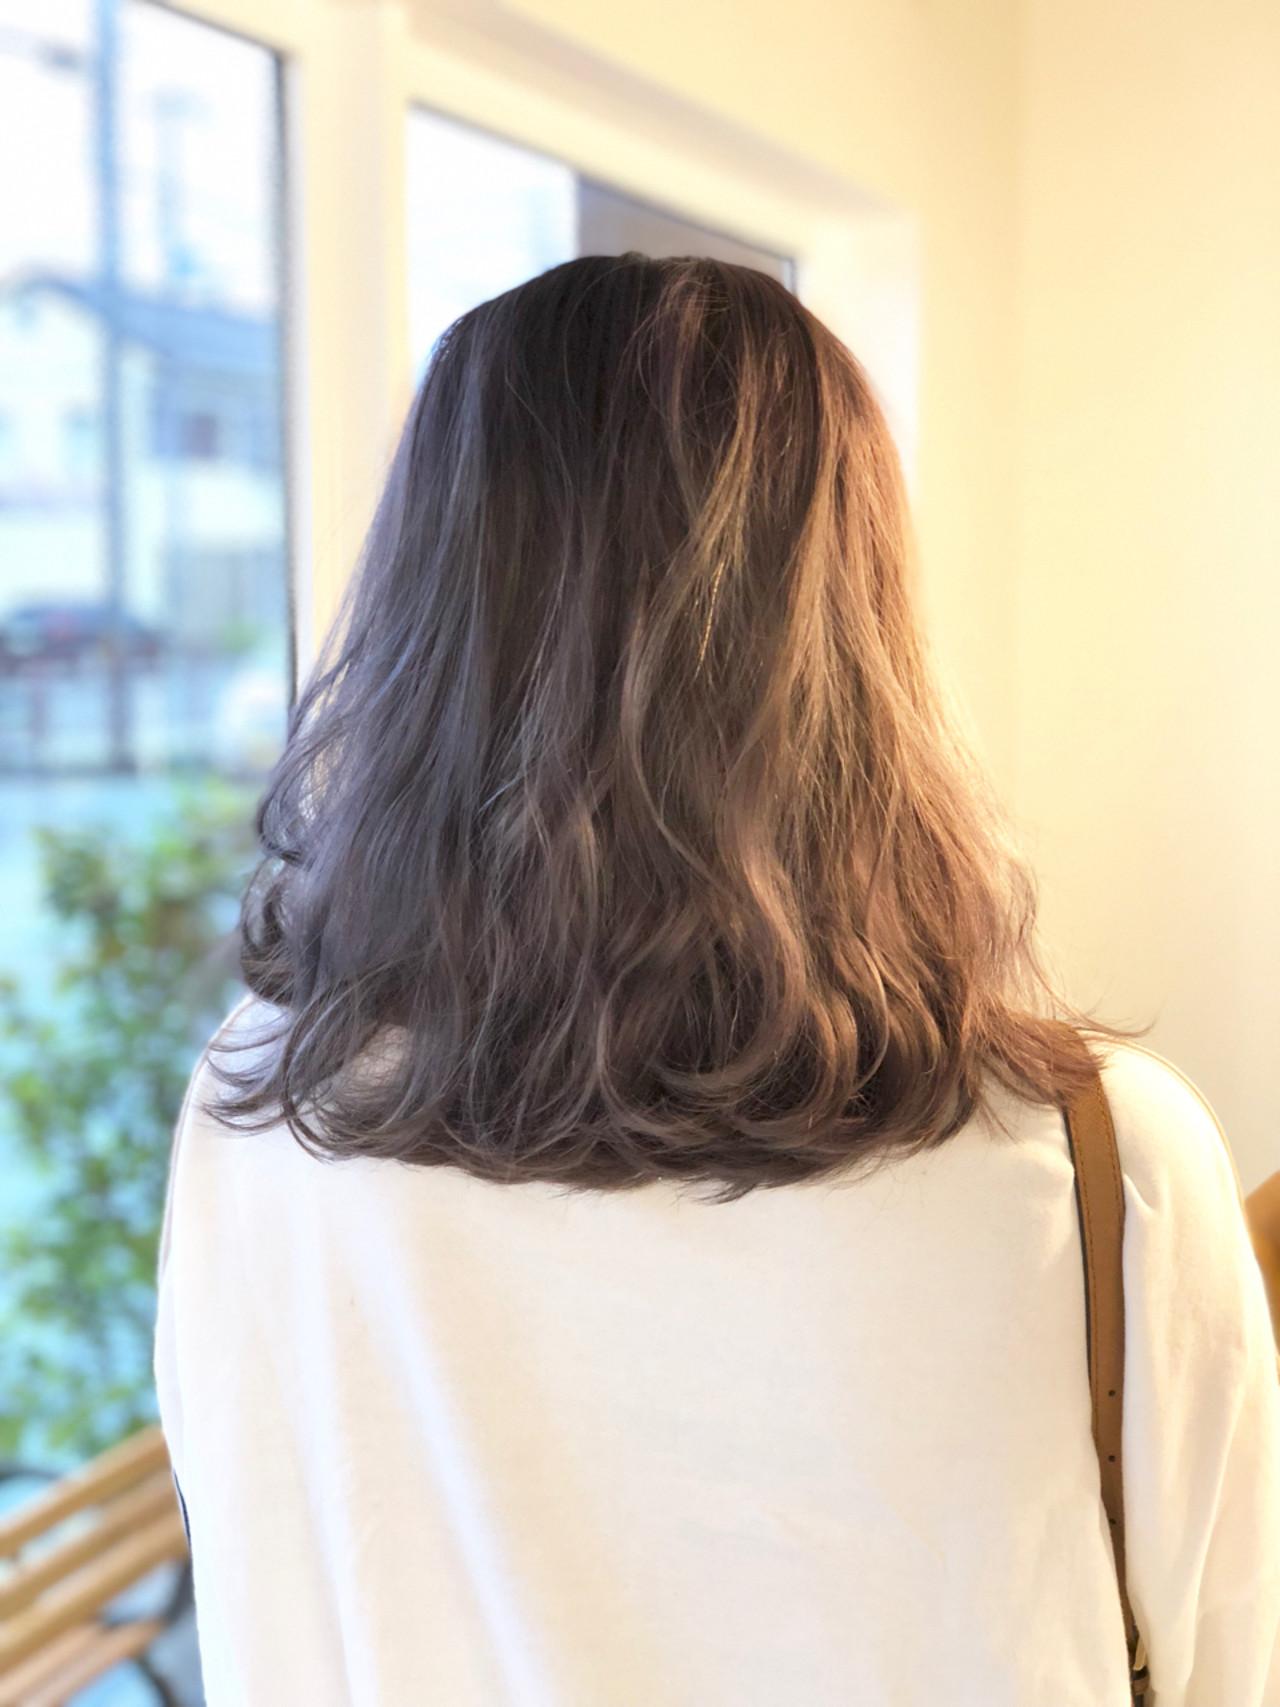 ラベンダーピンク ミルクティー ミルクティーベージュ ラベンダーアッシュ ヘアスタイルや髪型の写真・画像